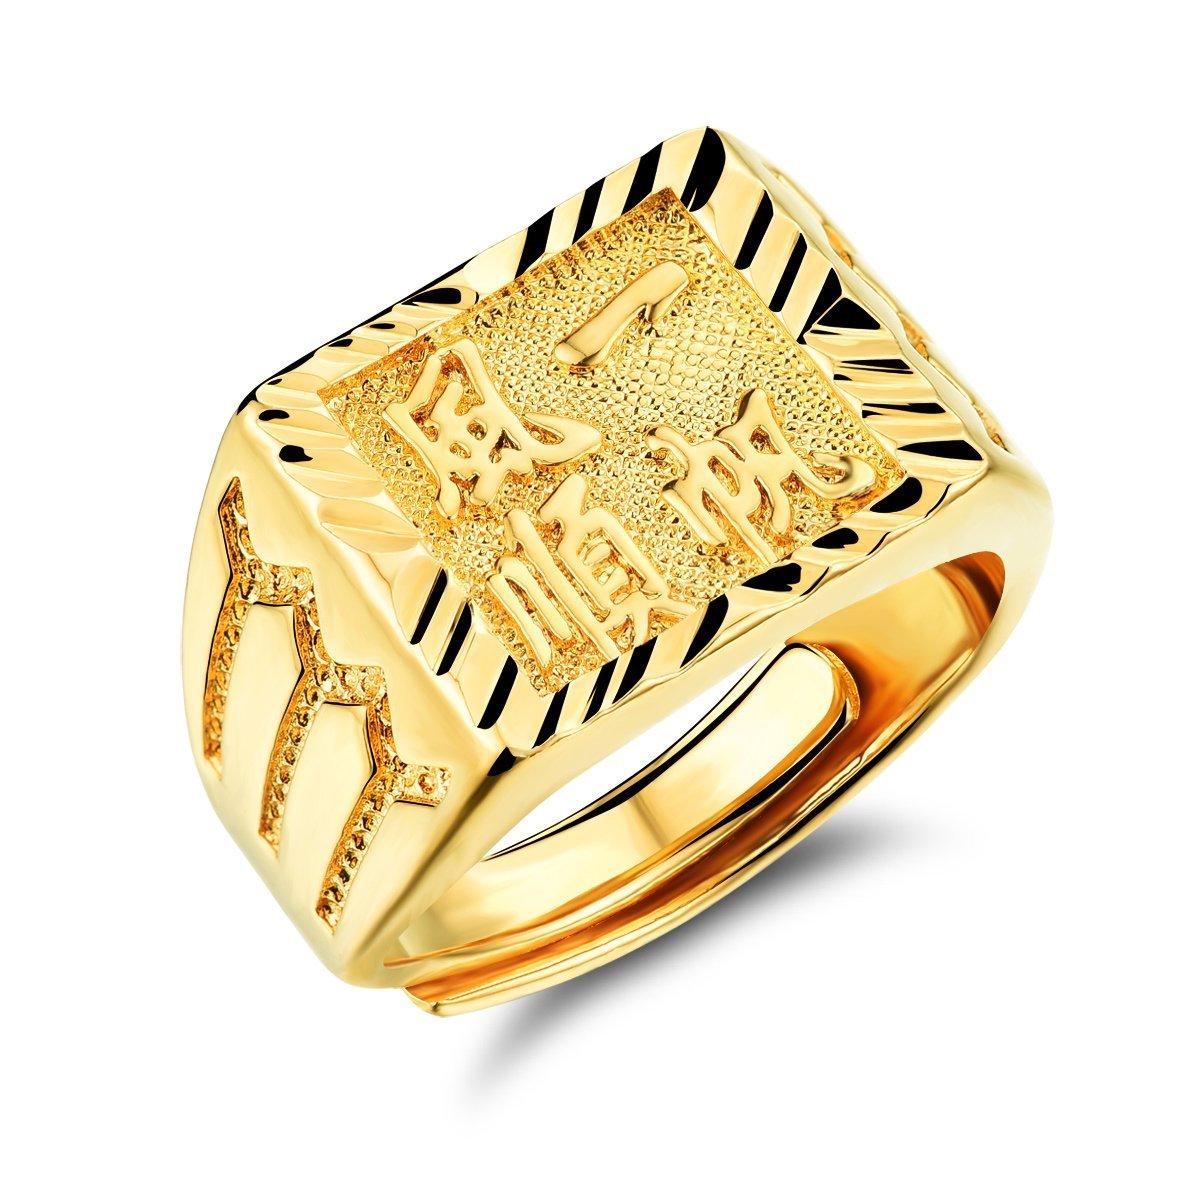 OPK gioielli placcati oro 18 K-Anello uomo Engrave carattere cinese significato Buona Fortuna With You , misura regolabile J-KJ034